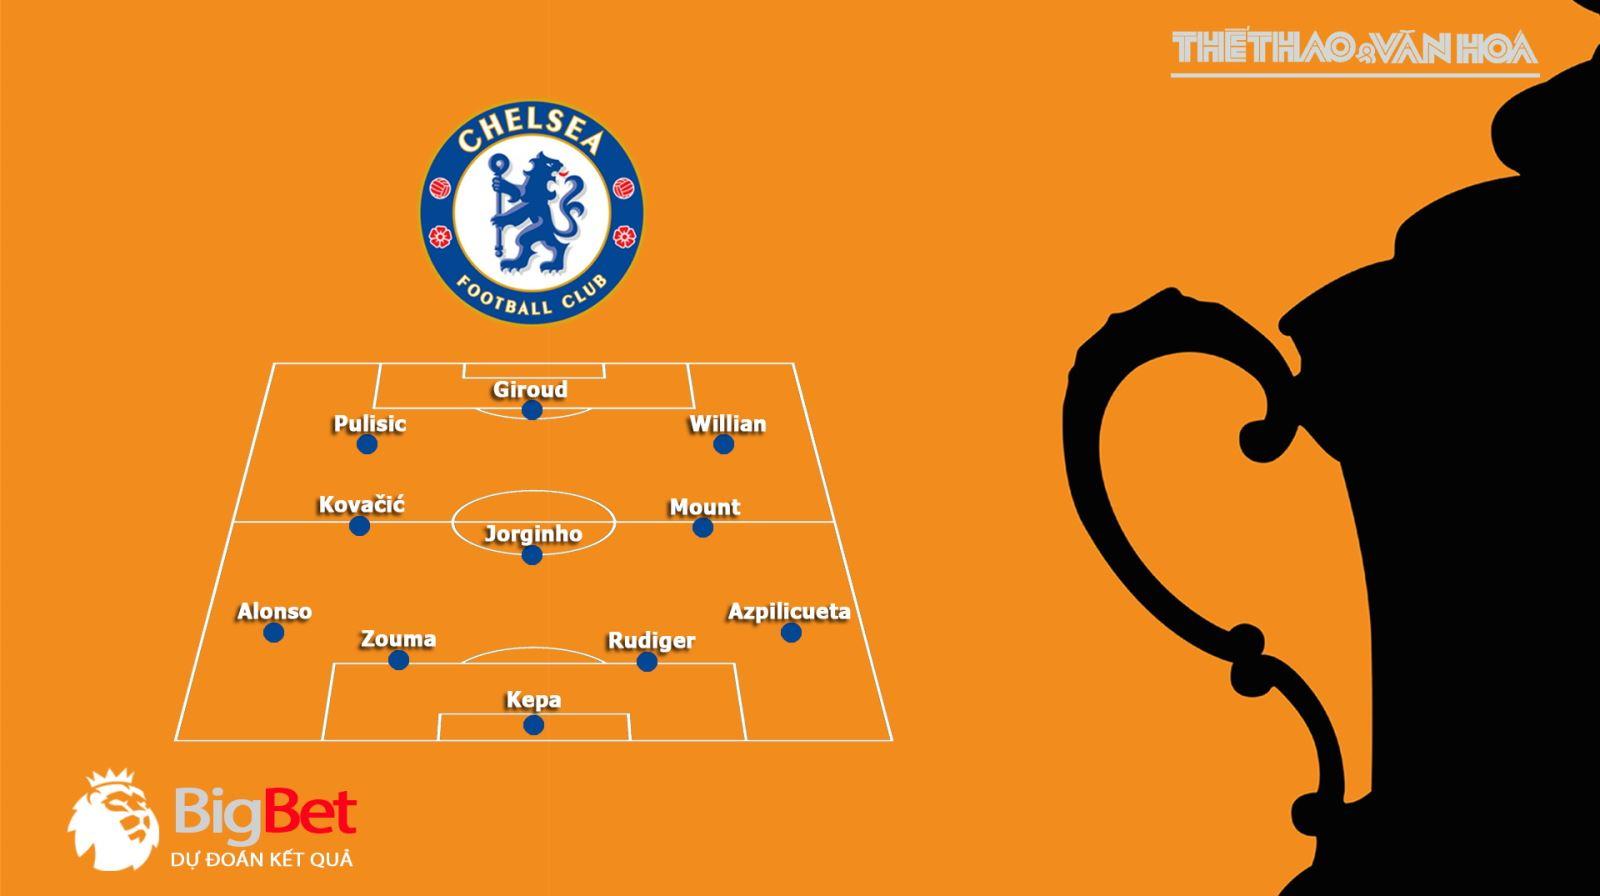 Chelsea vs Arsenal, Chelsea, Arsenal, trực tiếp bóng đá, trực tiếp Chelsea vs Arsenal, soi kèo bóng đá, soi kèo Chelsea vs Arsenal, soi kèo bóng đá Chelsea vs Arsenal